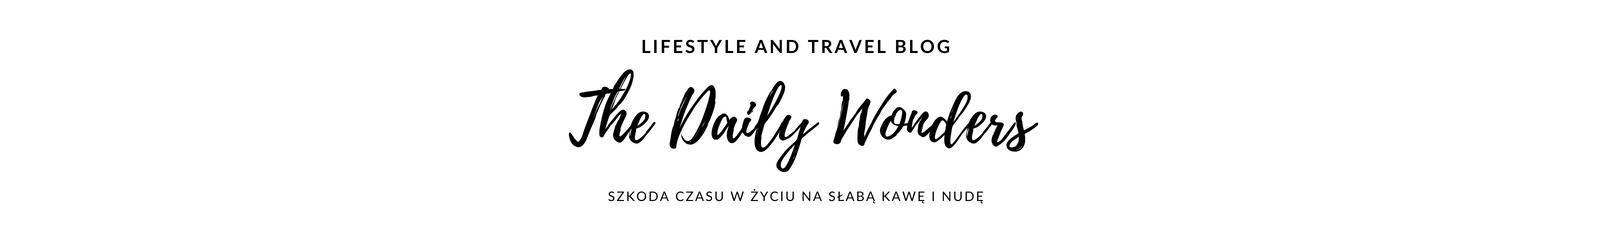 The Daily Wonders - blog podróżniczy, lifestyle, zdrowy styl życia